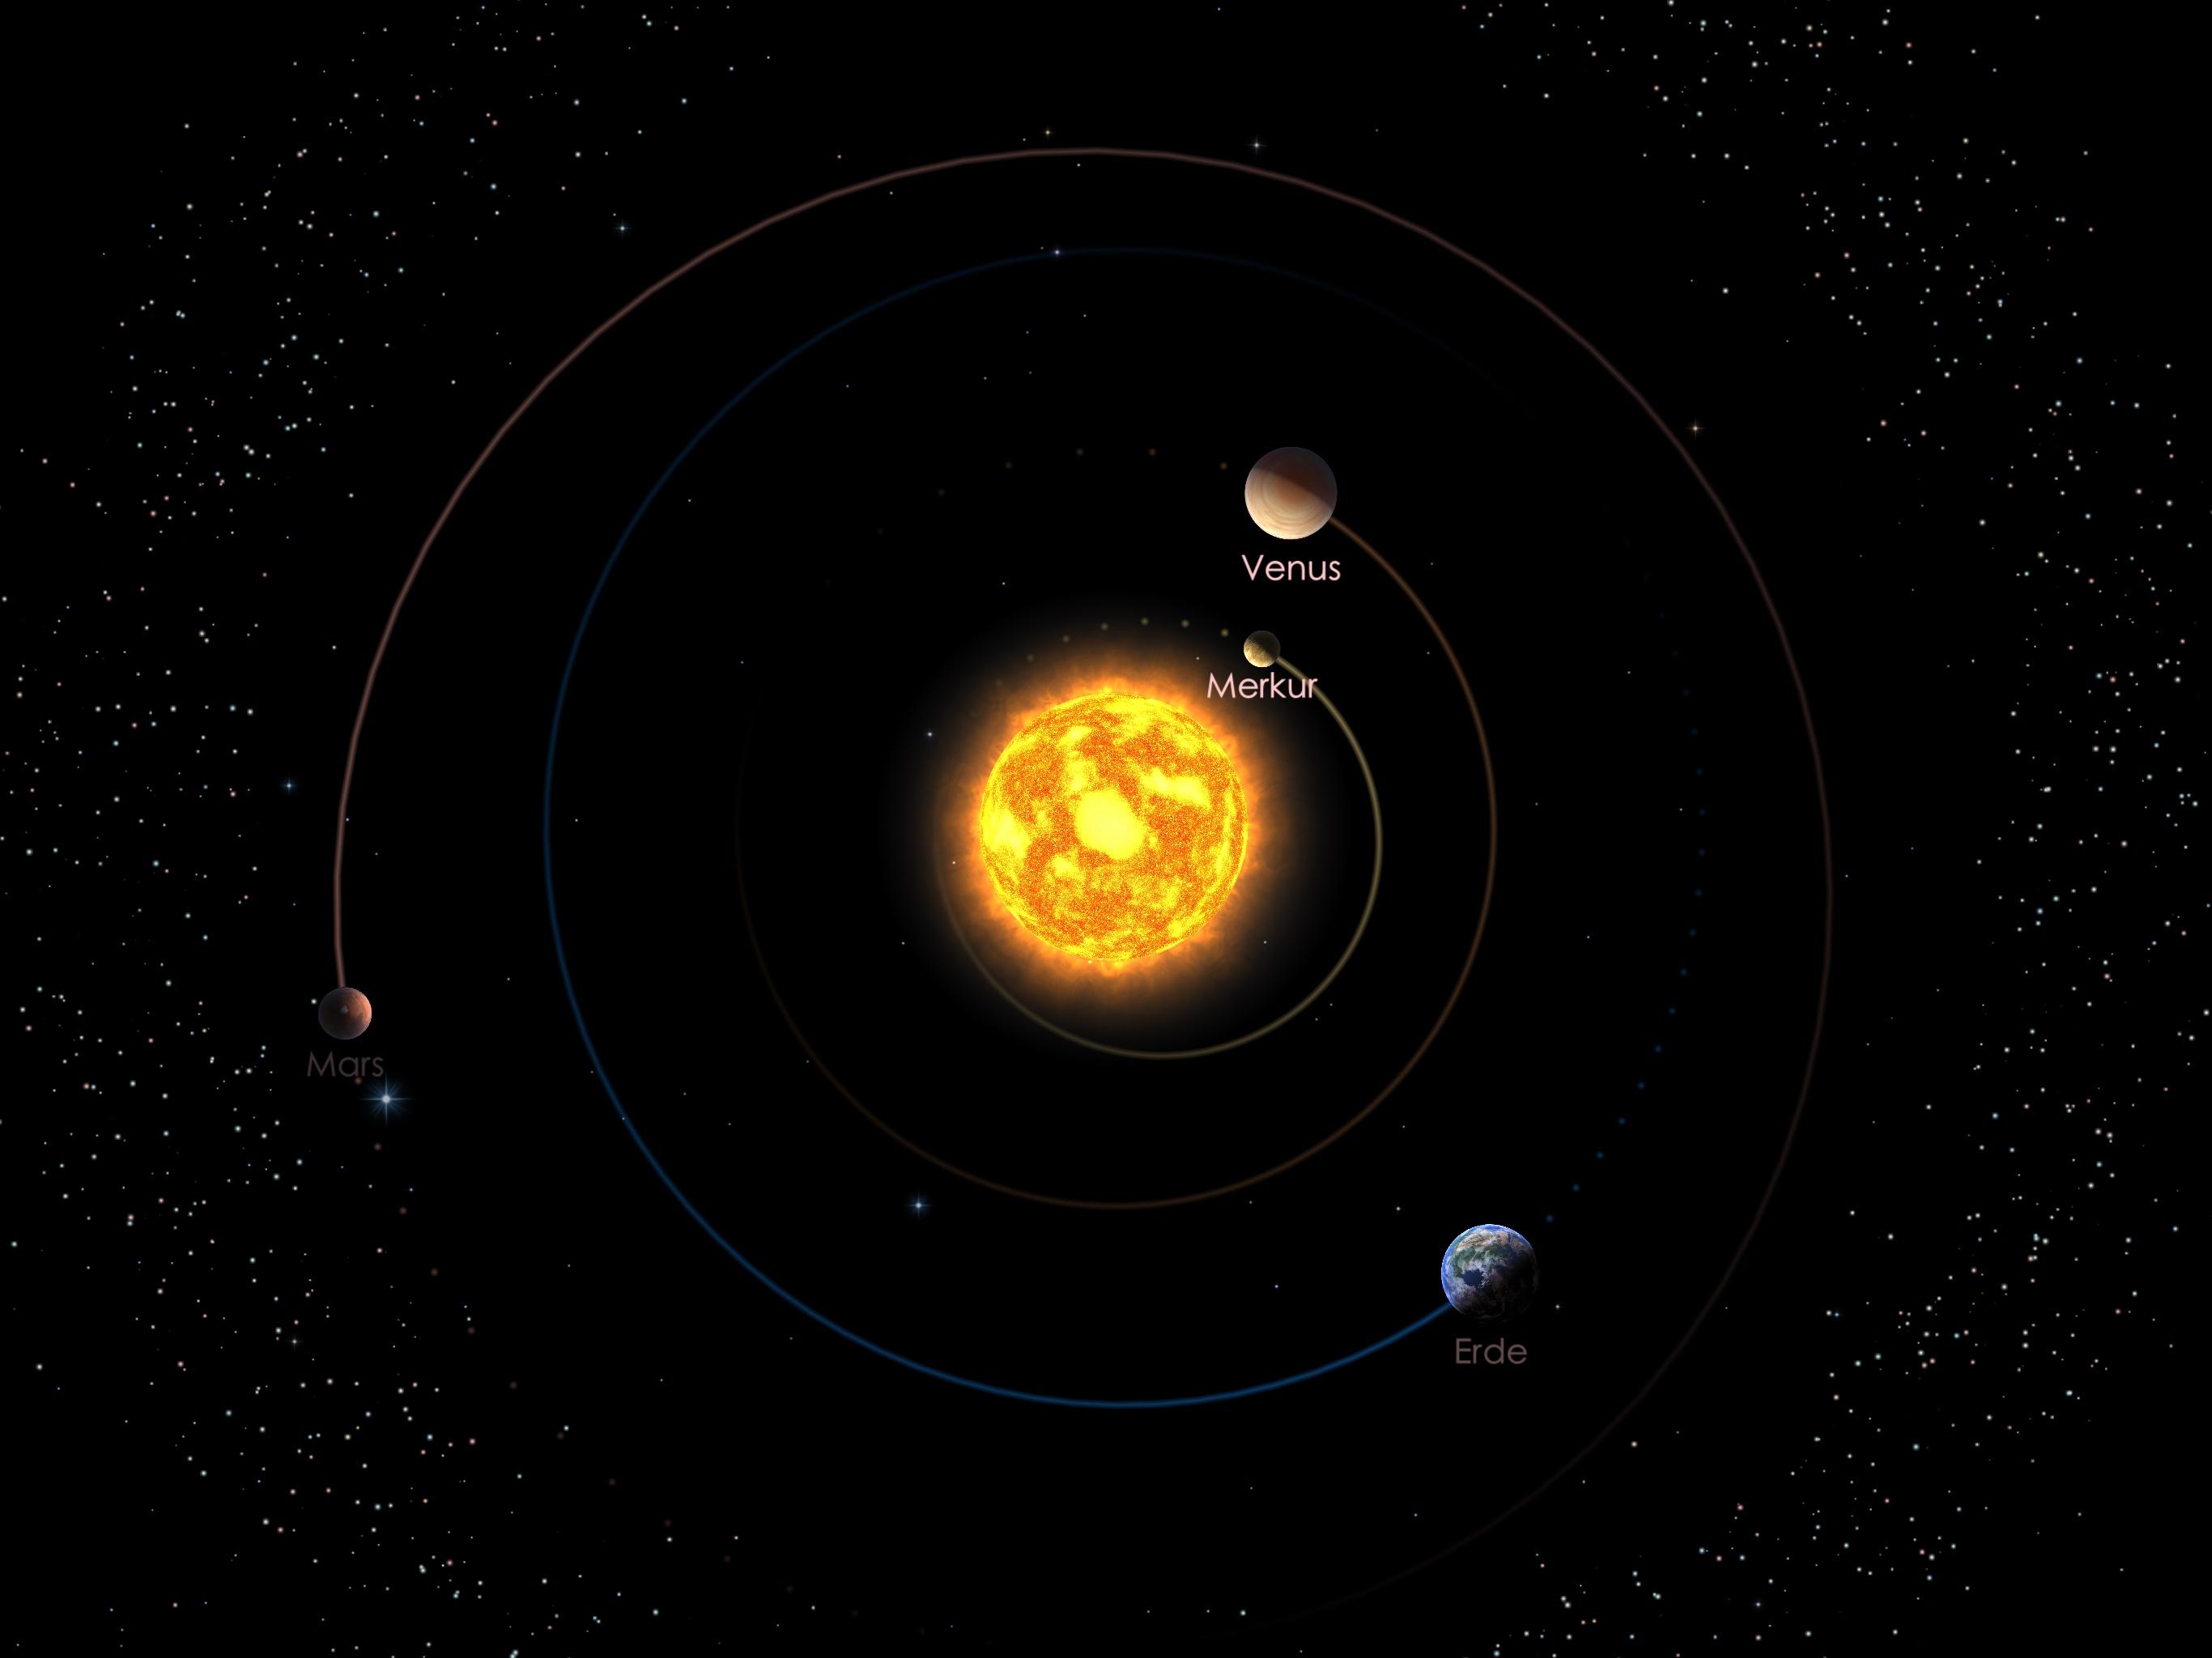 Die Positionen der inneren Planeten am 01.05.19